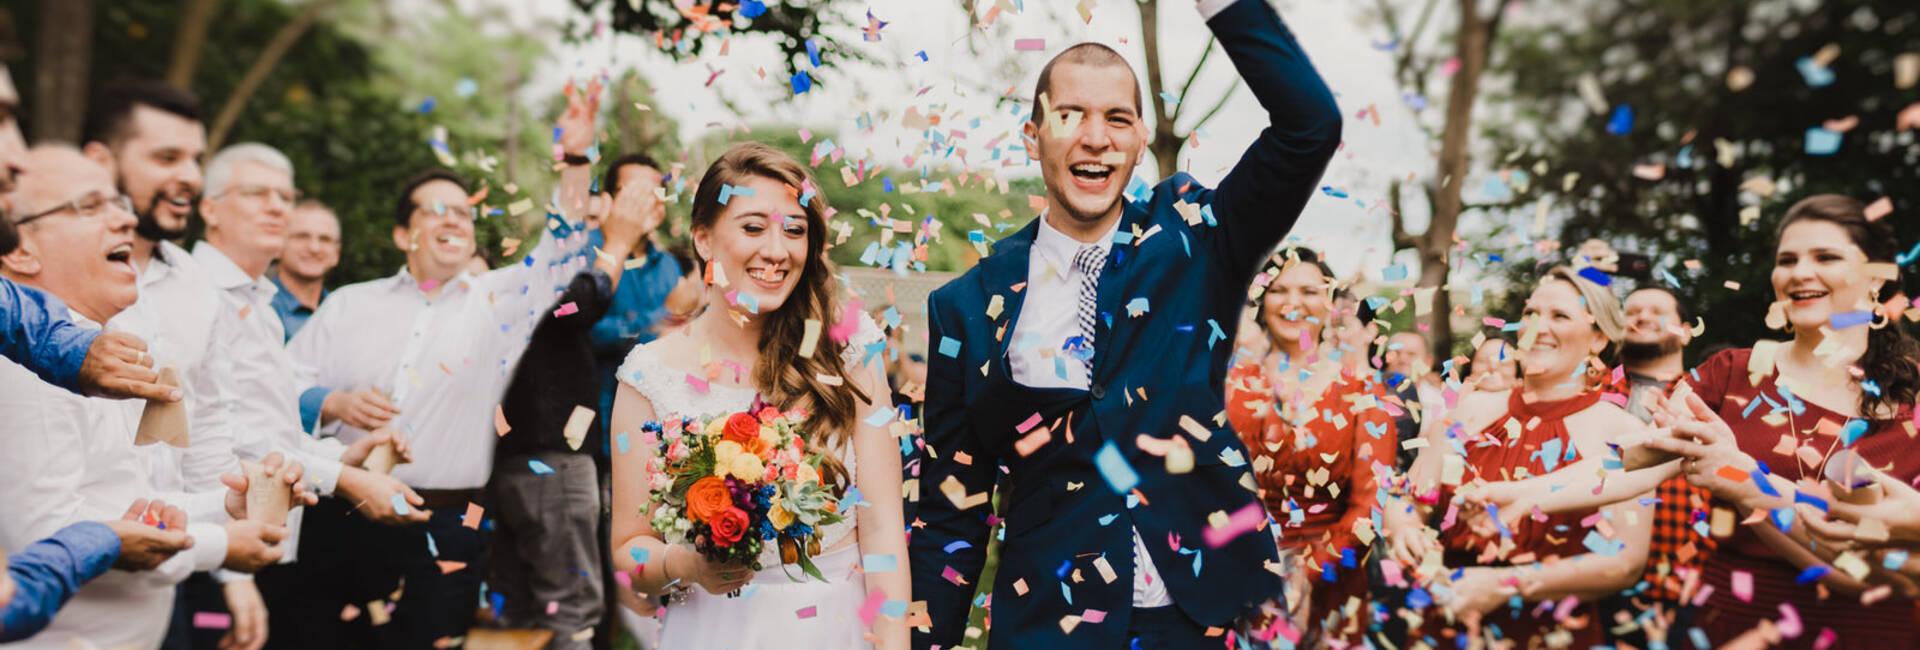 Casamento de Bia e Léo